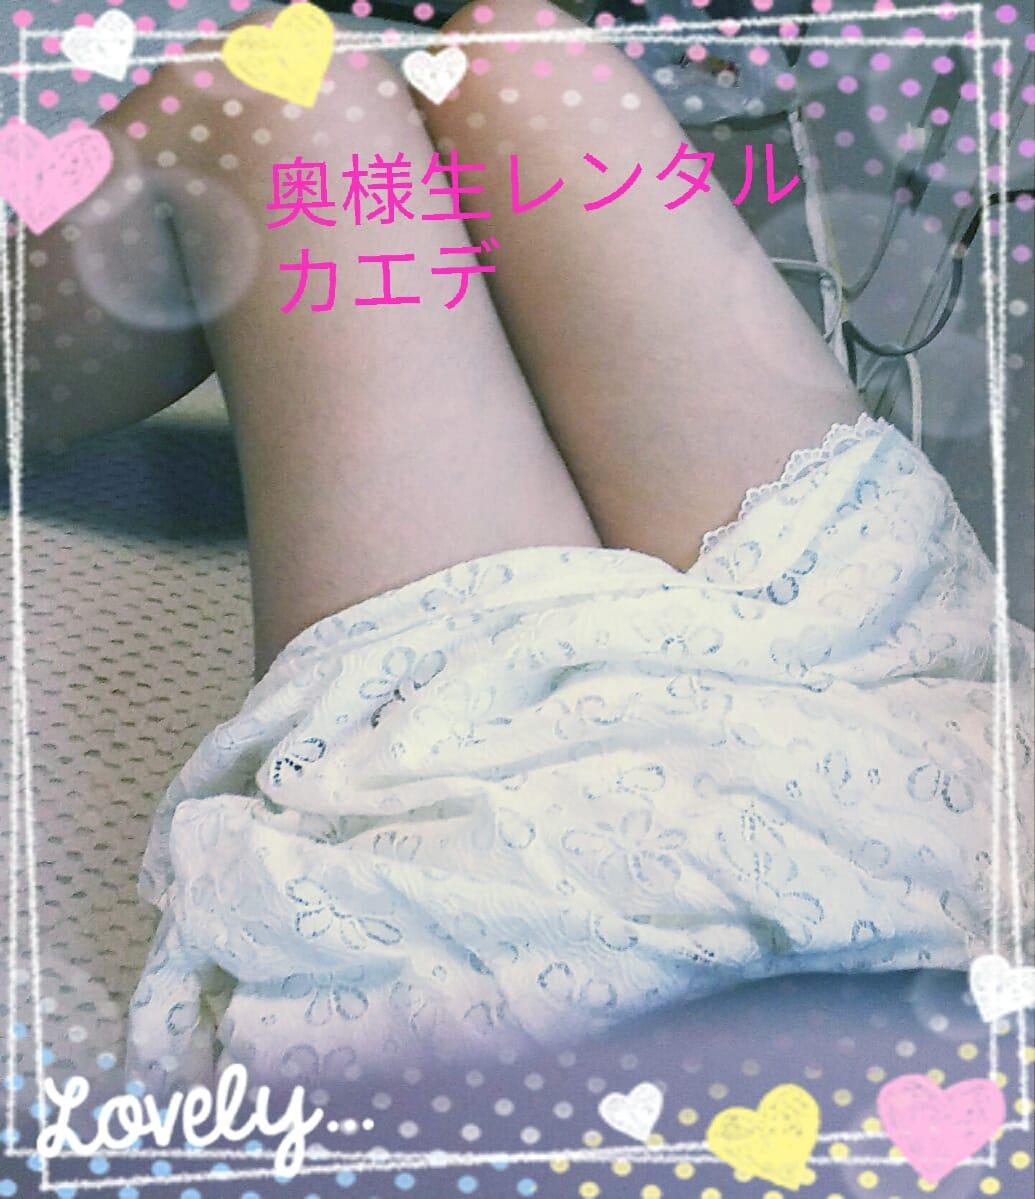 カエデ めちゃくちゃにして「おやすみ〜」10/18(水) 23:12   カエデ めちゃくちゃにしての写メ・風俗動画